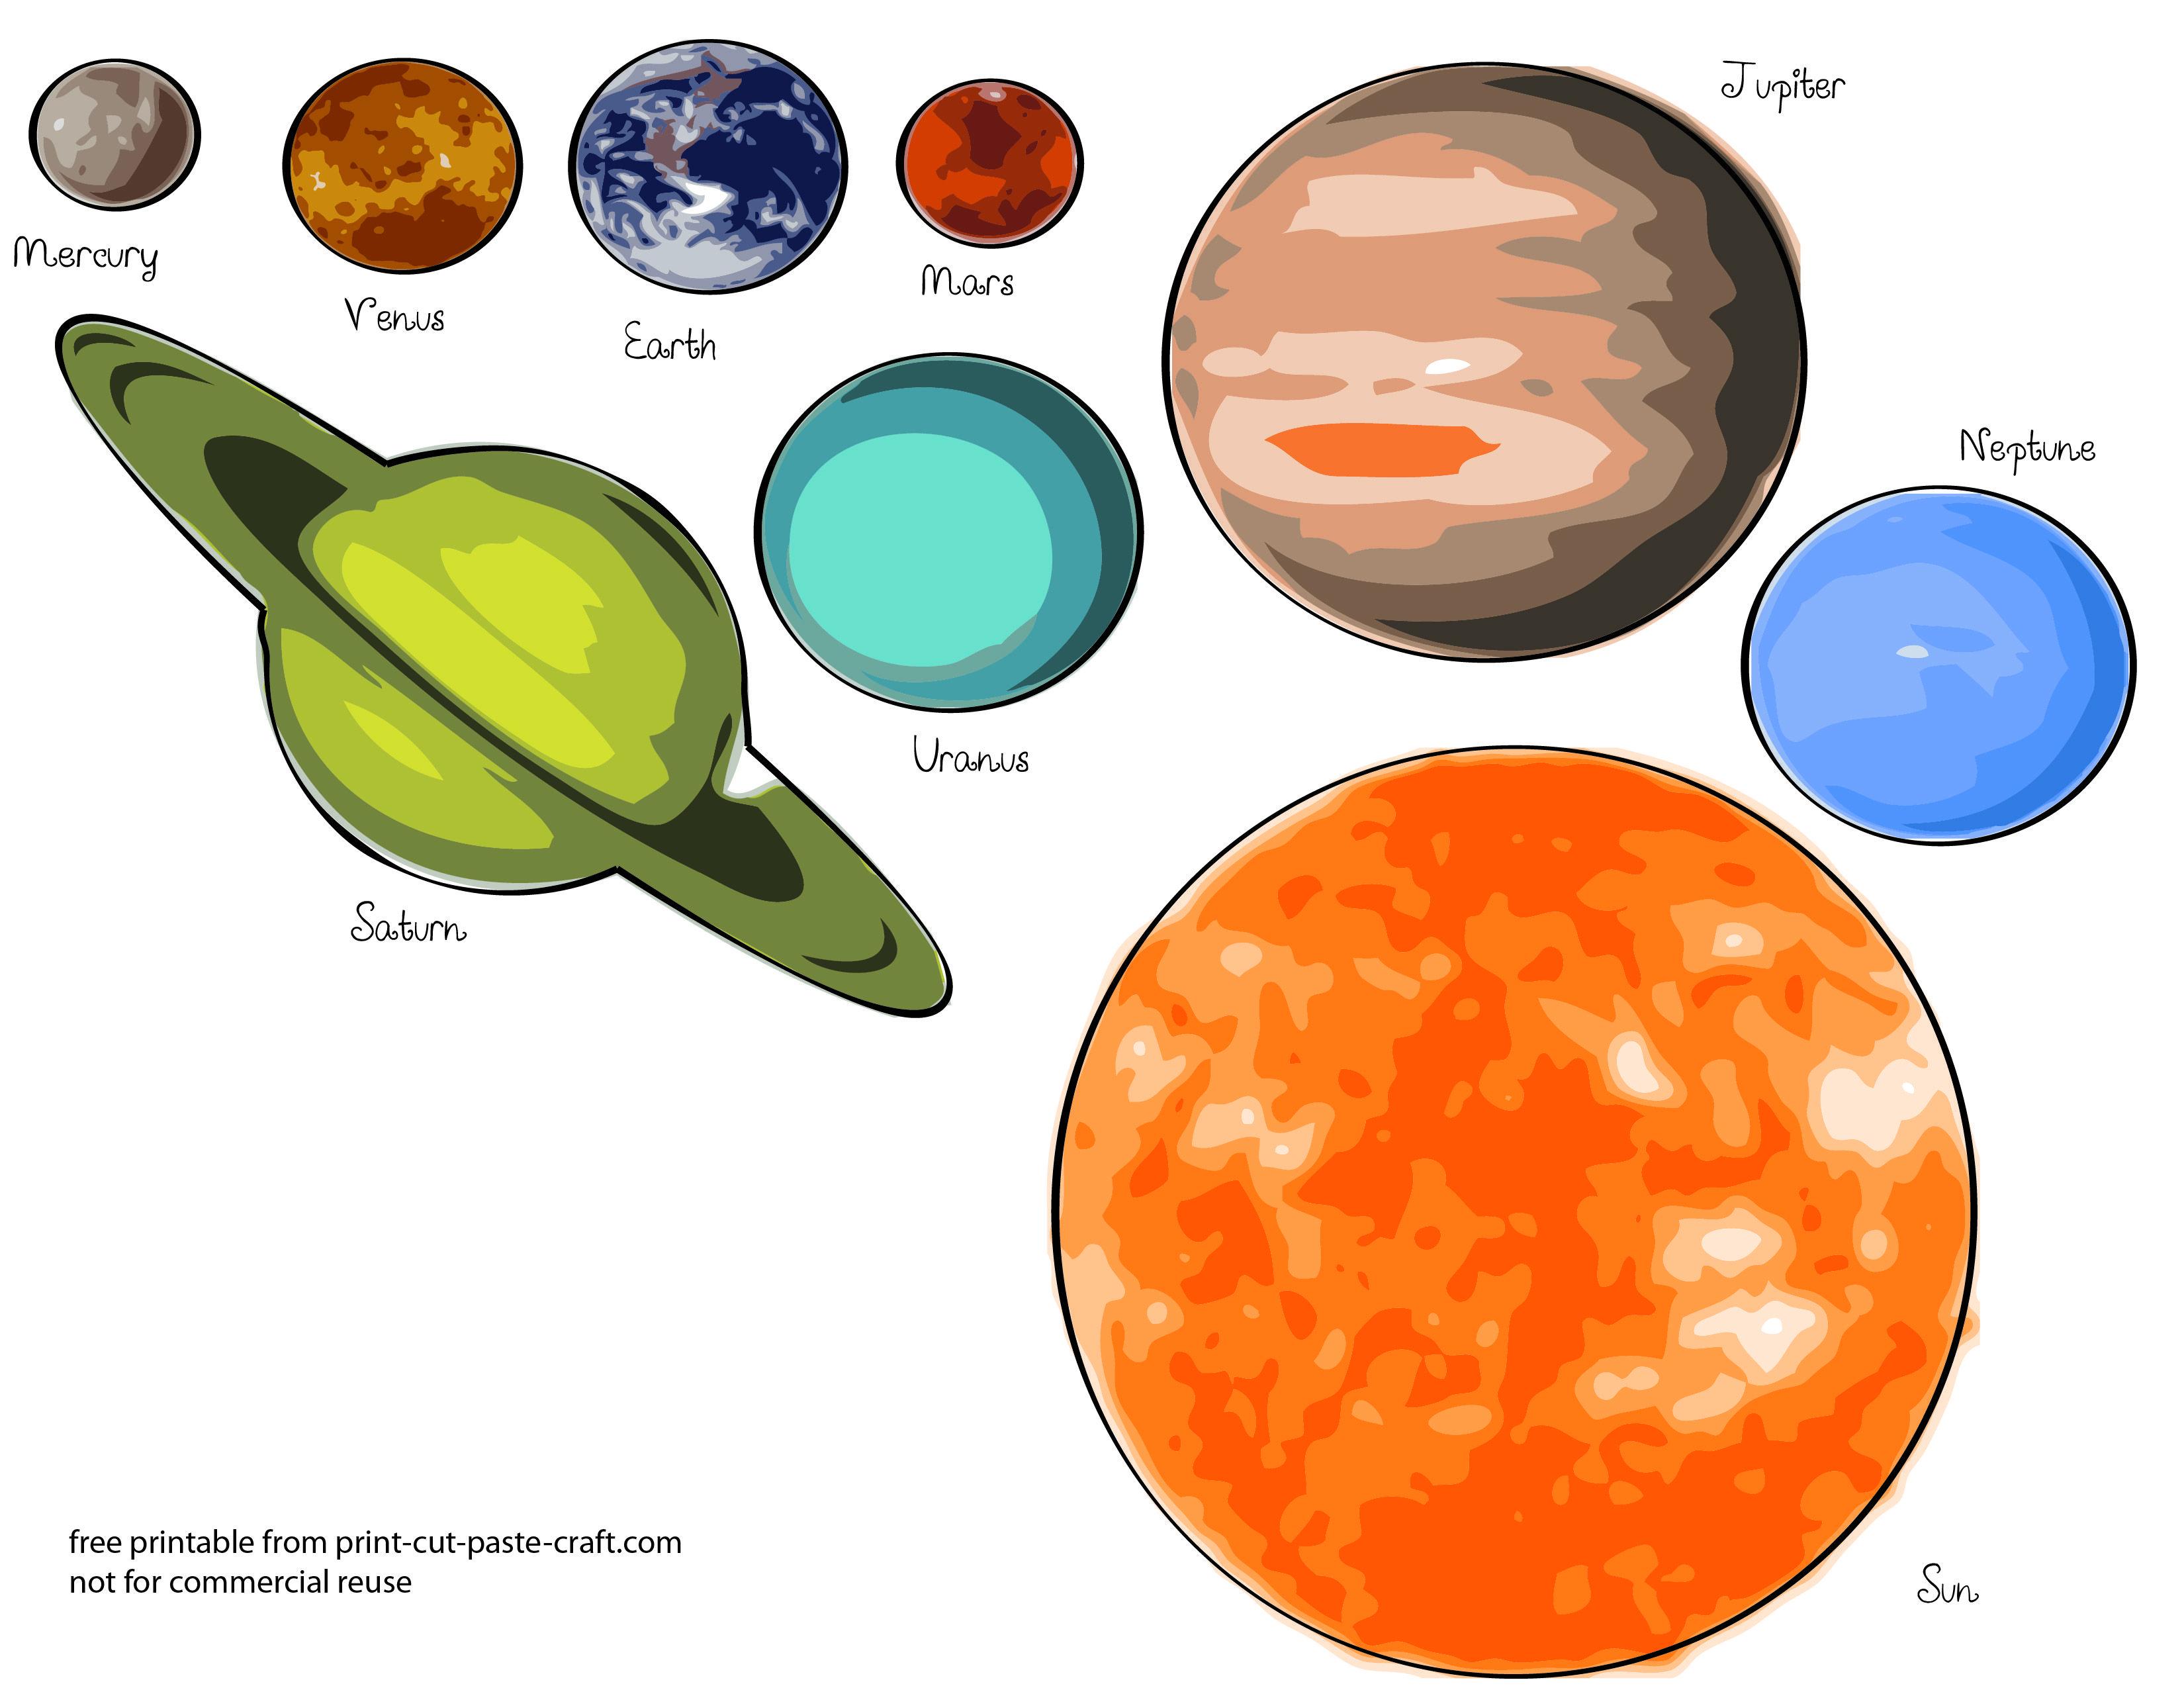 Free Printables Planets   Free Printable Solar System Model For Kids - Free Printable Solar System Worksheets